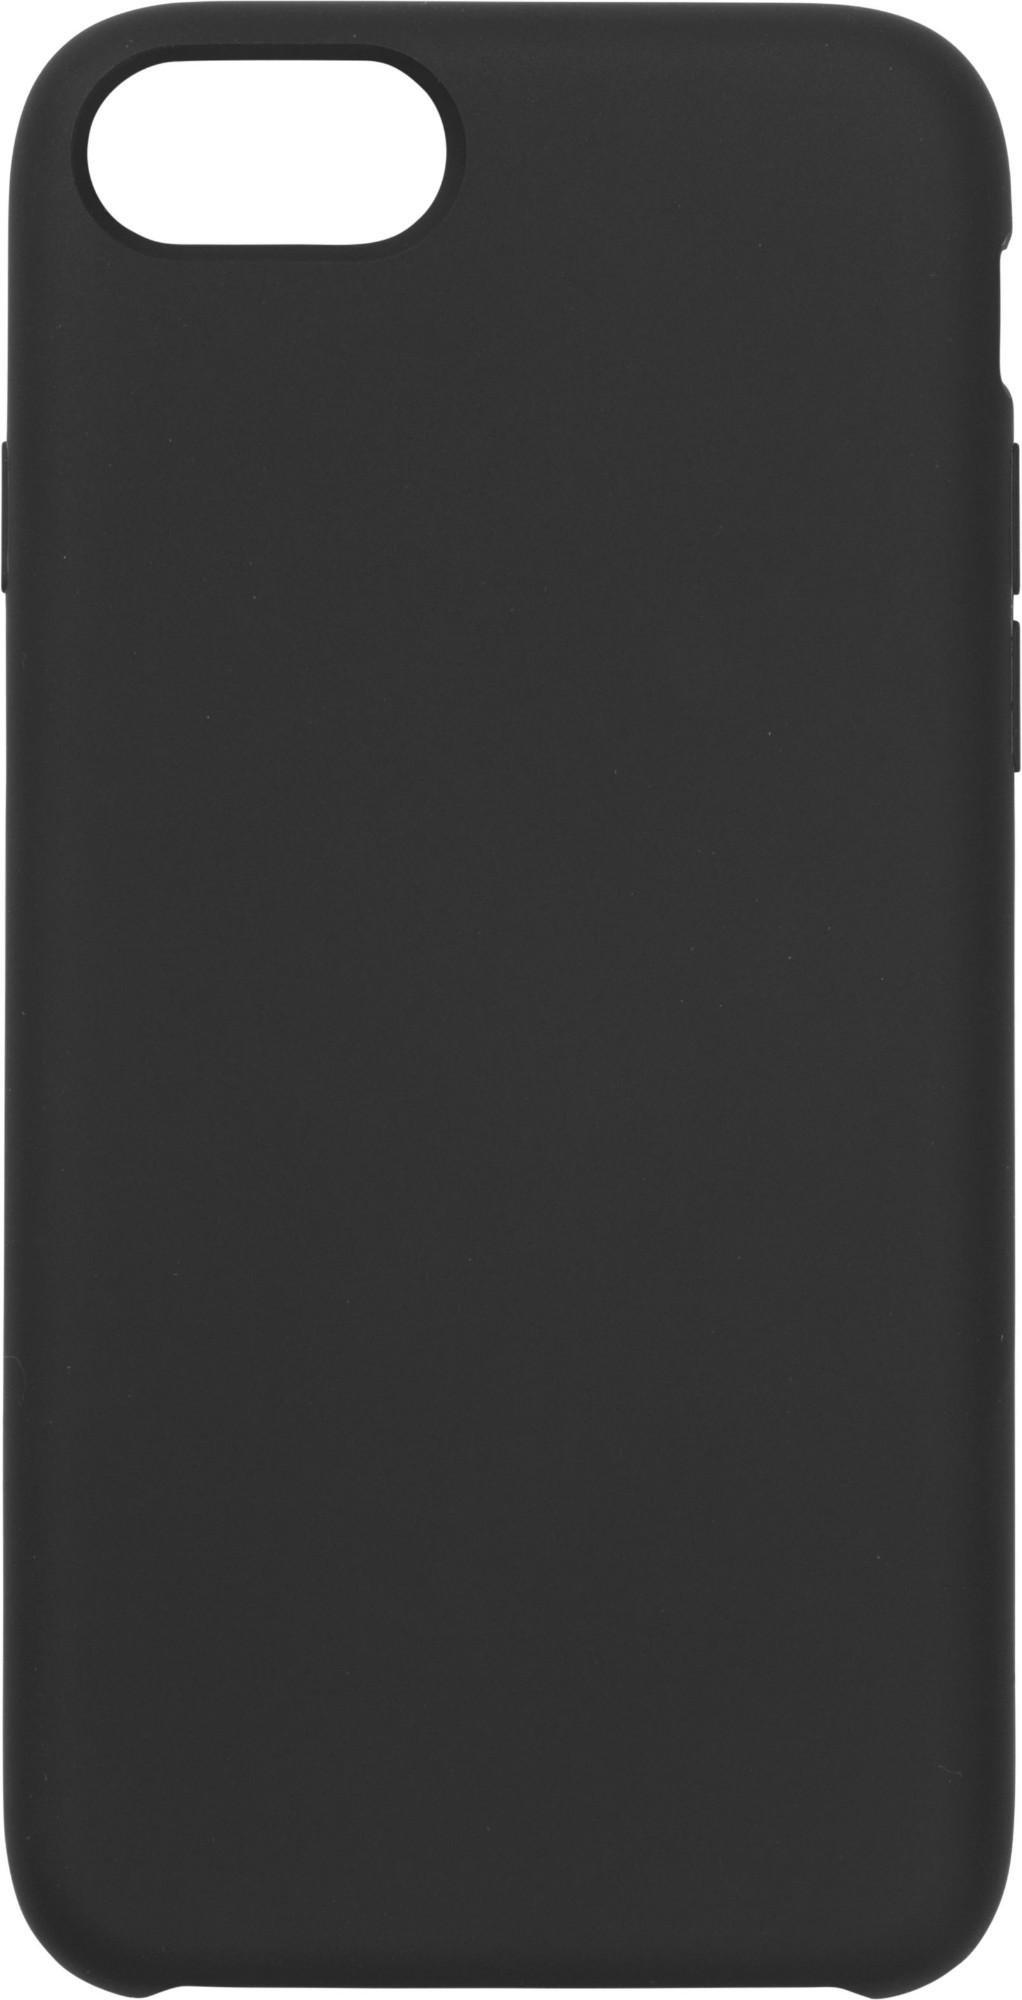 eSTUFF ES671046 mobile phone case Cover Black